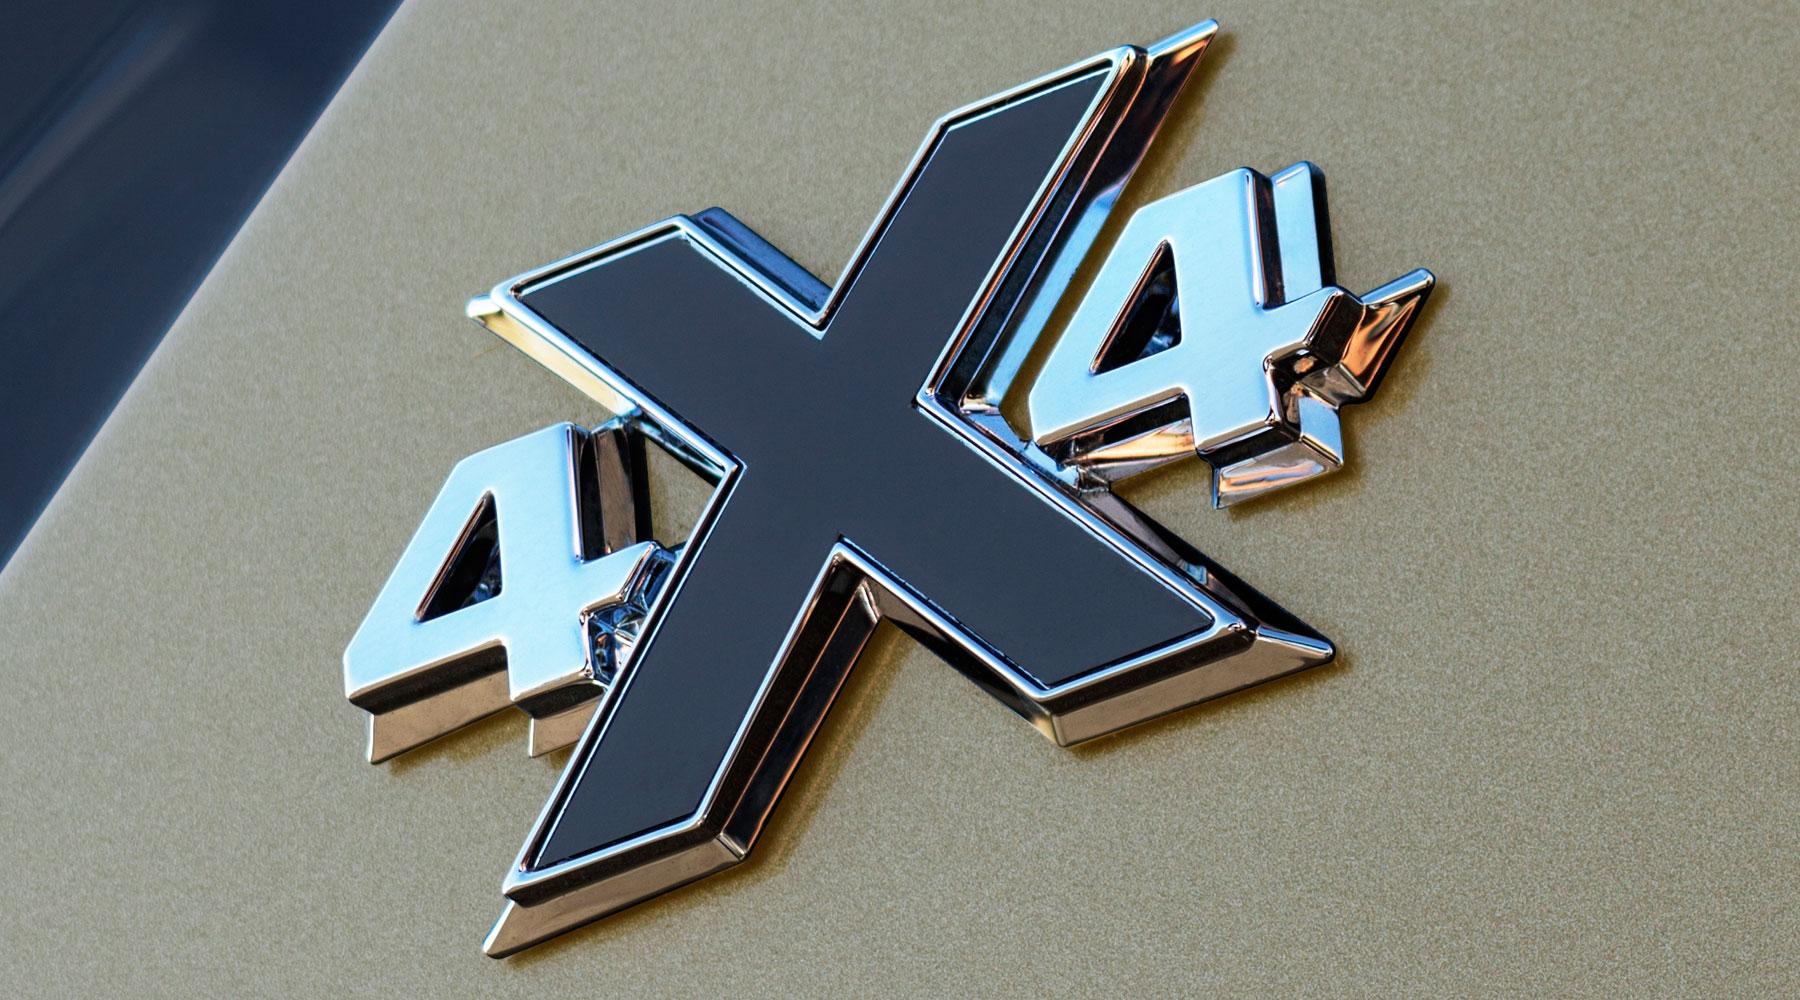 4x4 Nedir